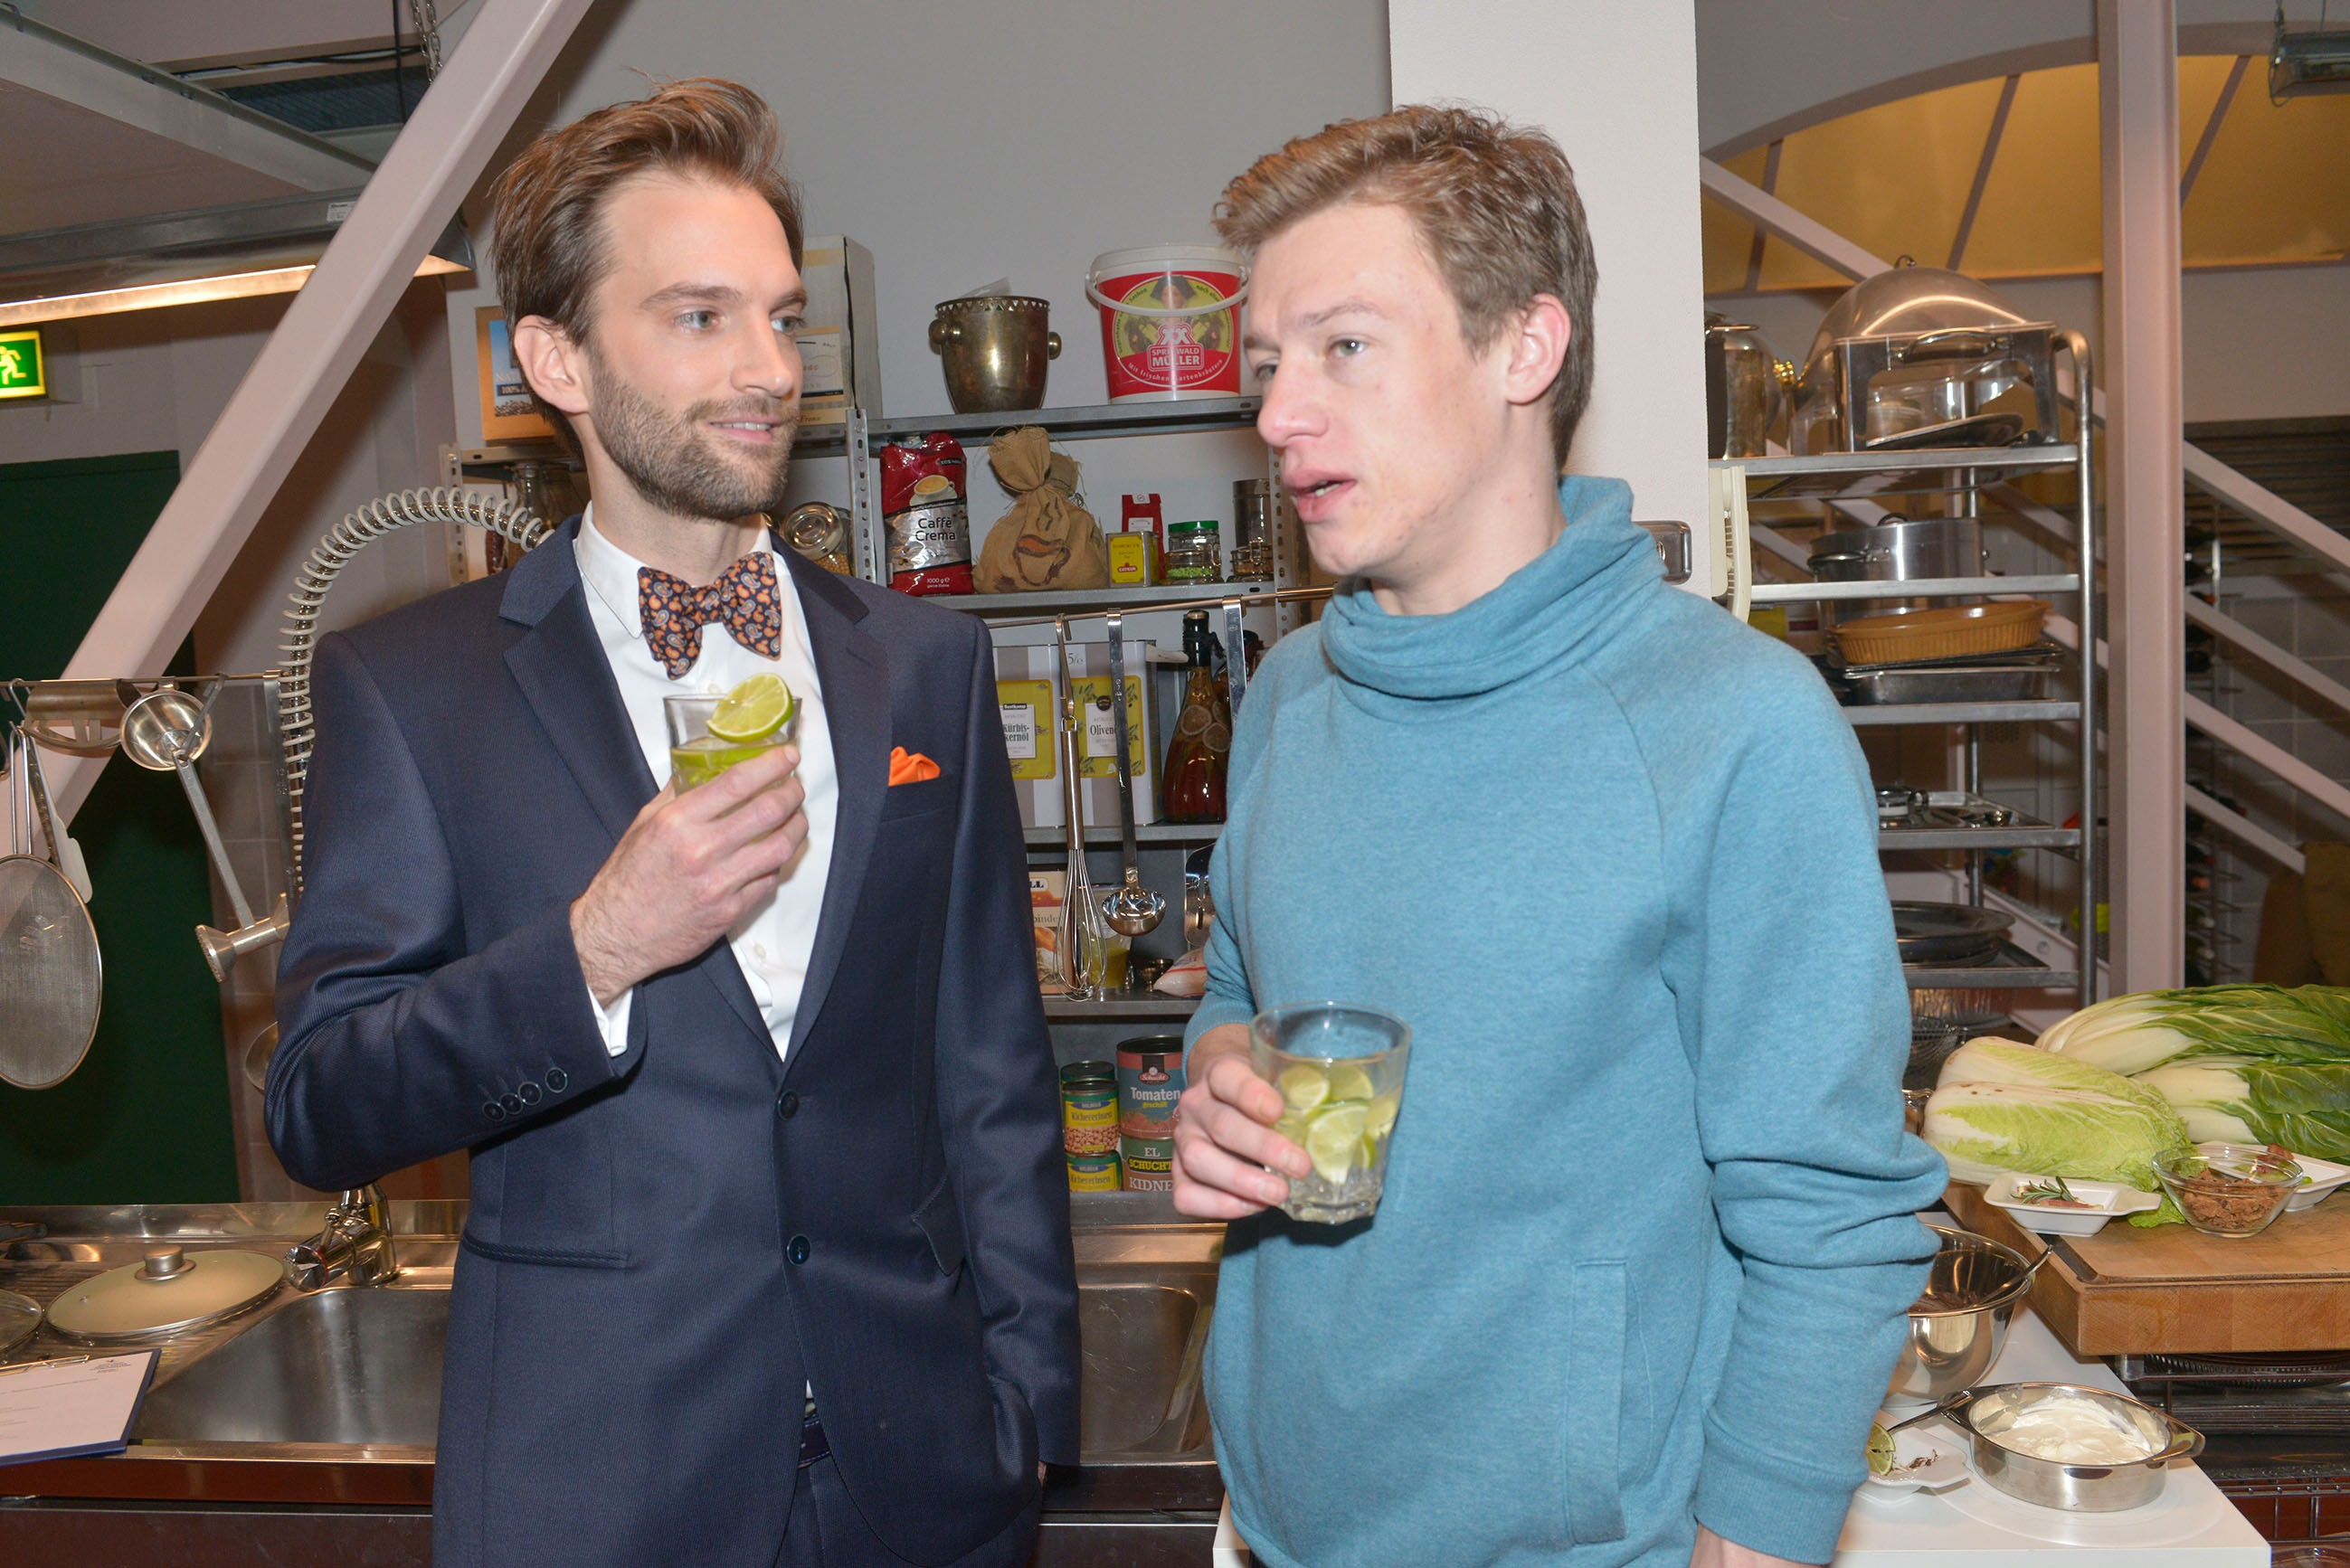 Vince (Vincent Krüger, r.) hat einen wichtigen Termin mit seinem neuen Geschäftspartner Julius Wenzel (Benjamin Bieber), der von Vince' Talent überzeugt ist.